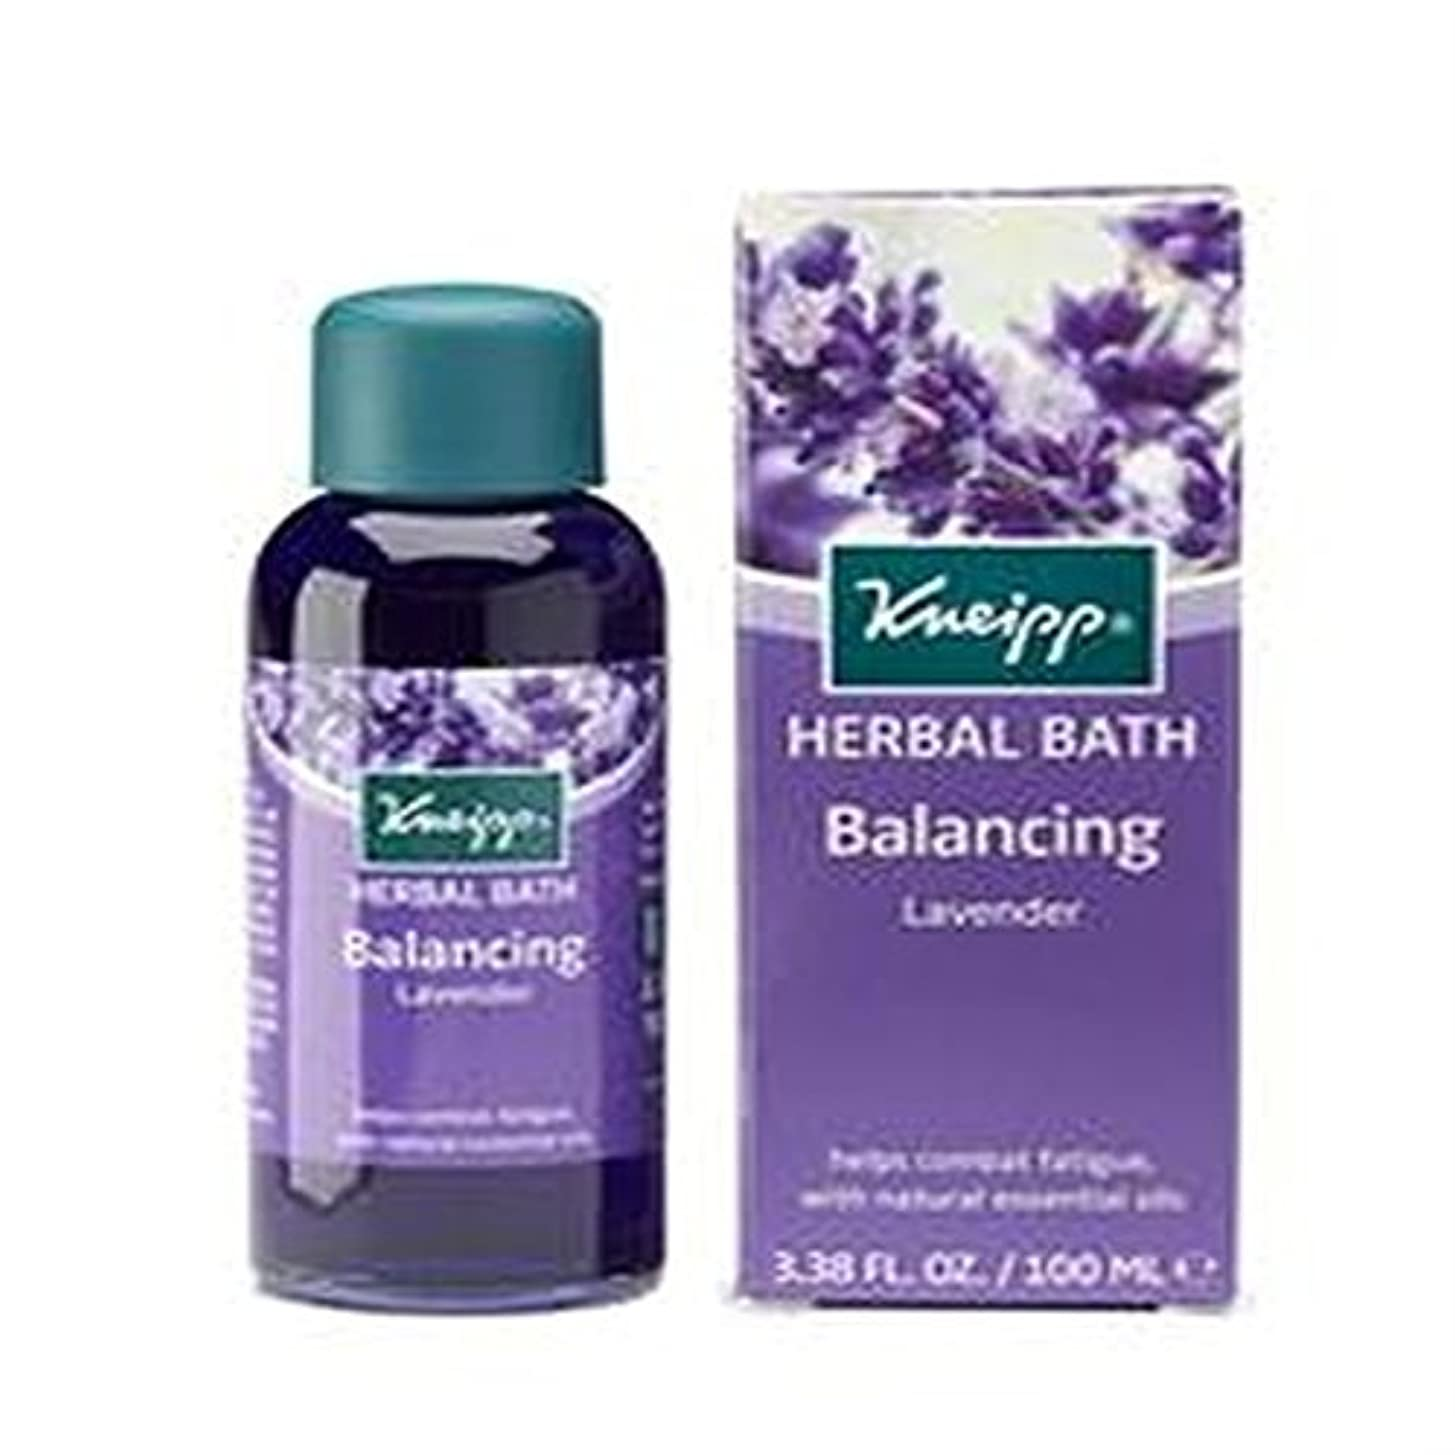 視聴者ドロー首謀者Kneipp Balancing Lavender Herbal Bath - 3.38 Oz. (並行輸入品) [並行輸入品]